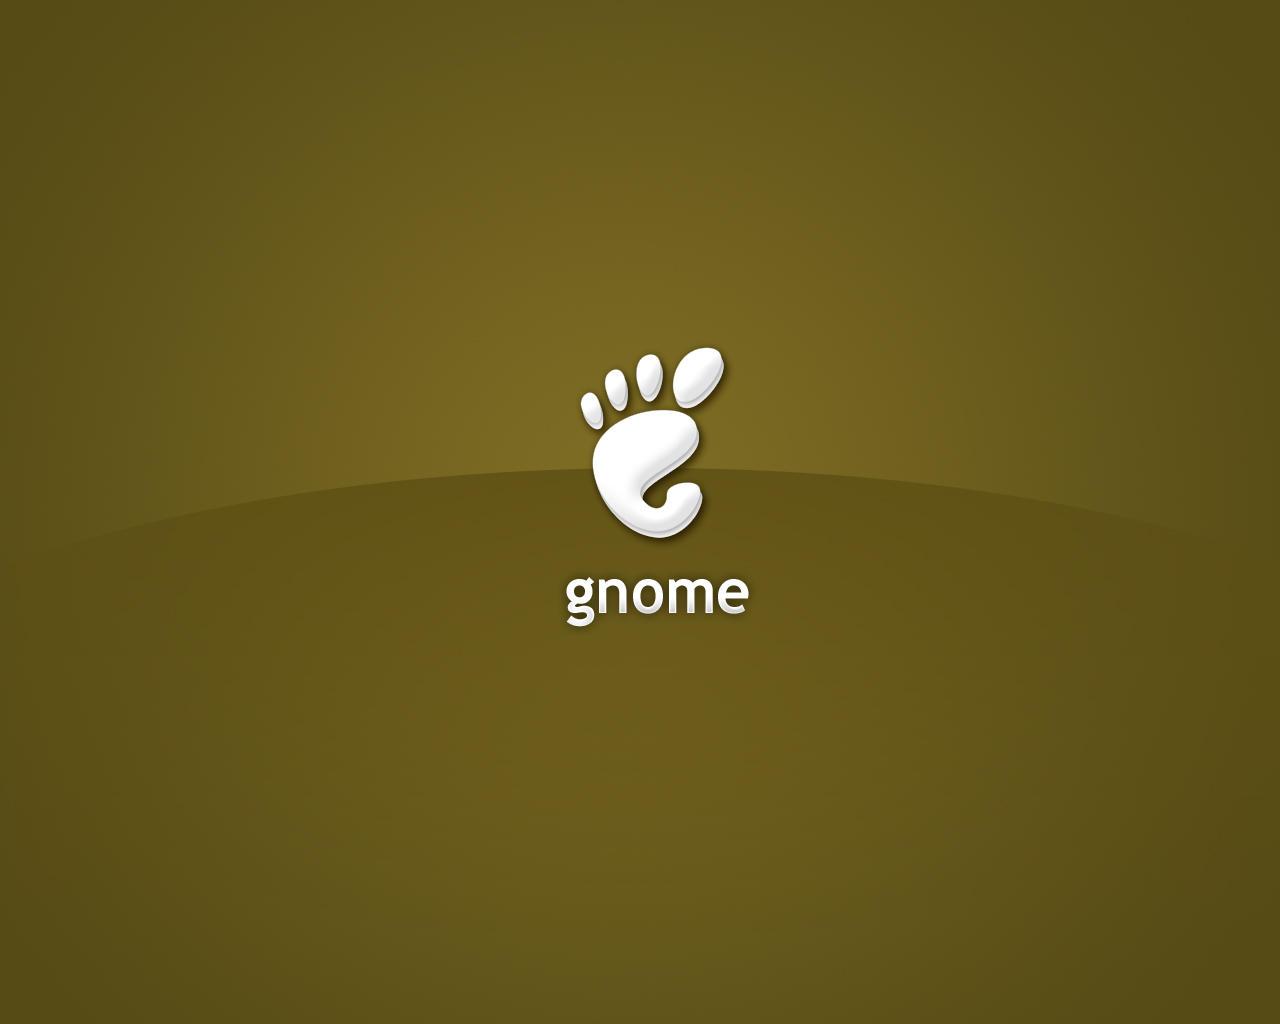 Simple Gnome Wallpaper Ubuntu by fibermarupok